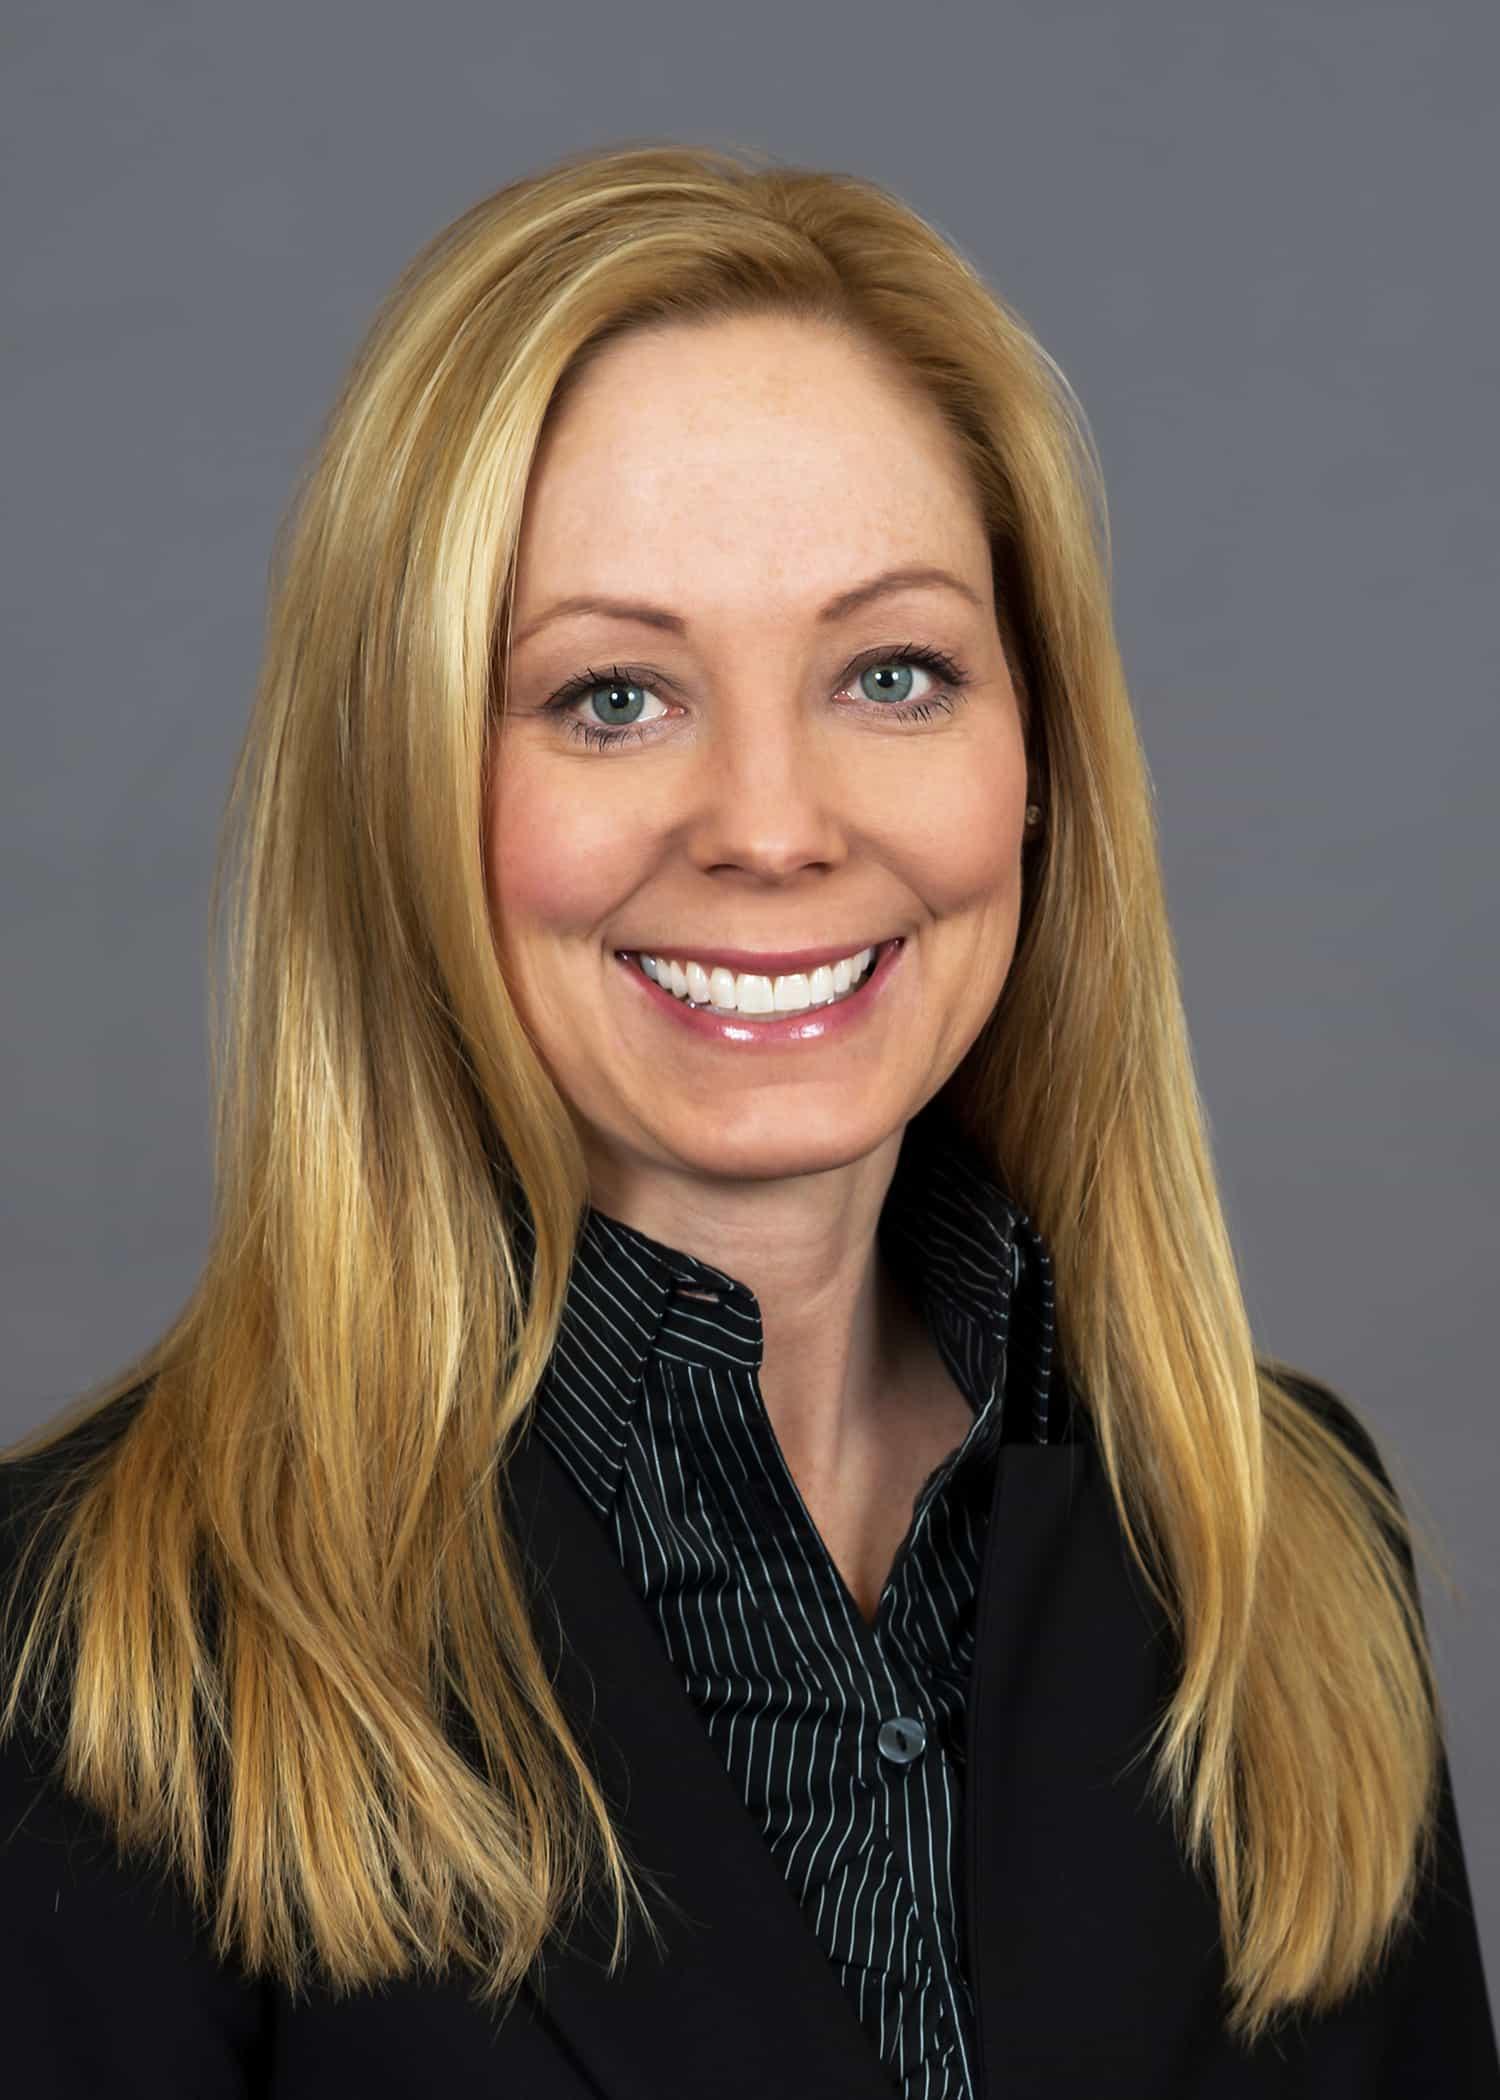 Marcianne Jenkins Daniels College Of Business